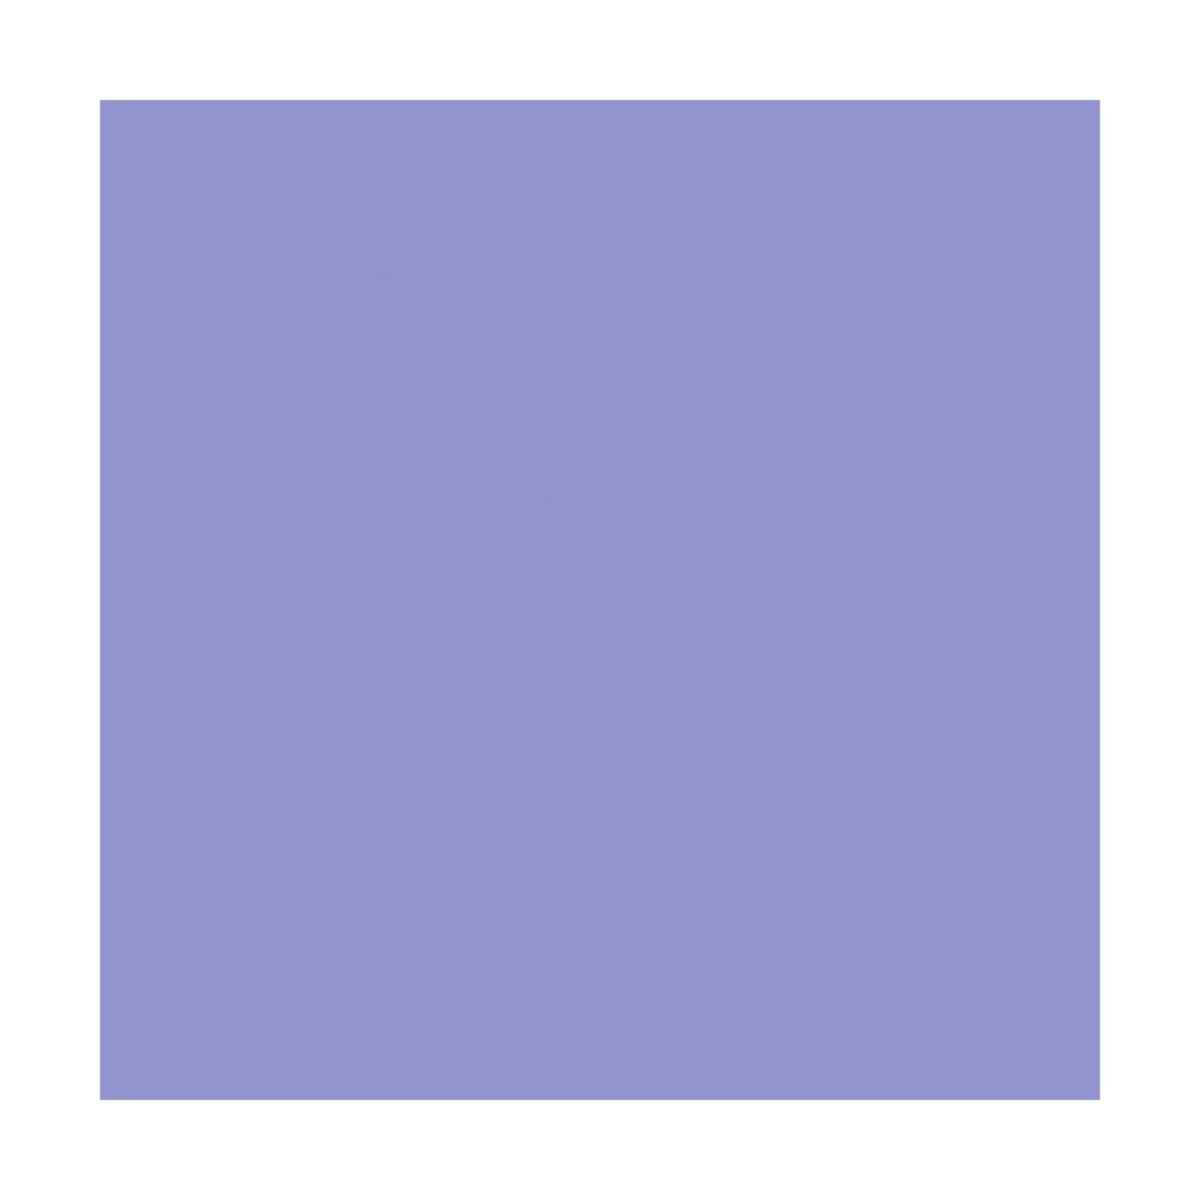 bd_backgrounds_133_violet_02